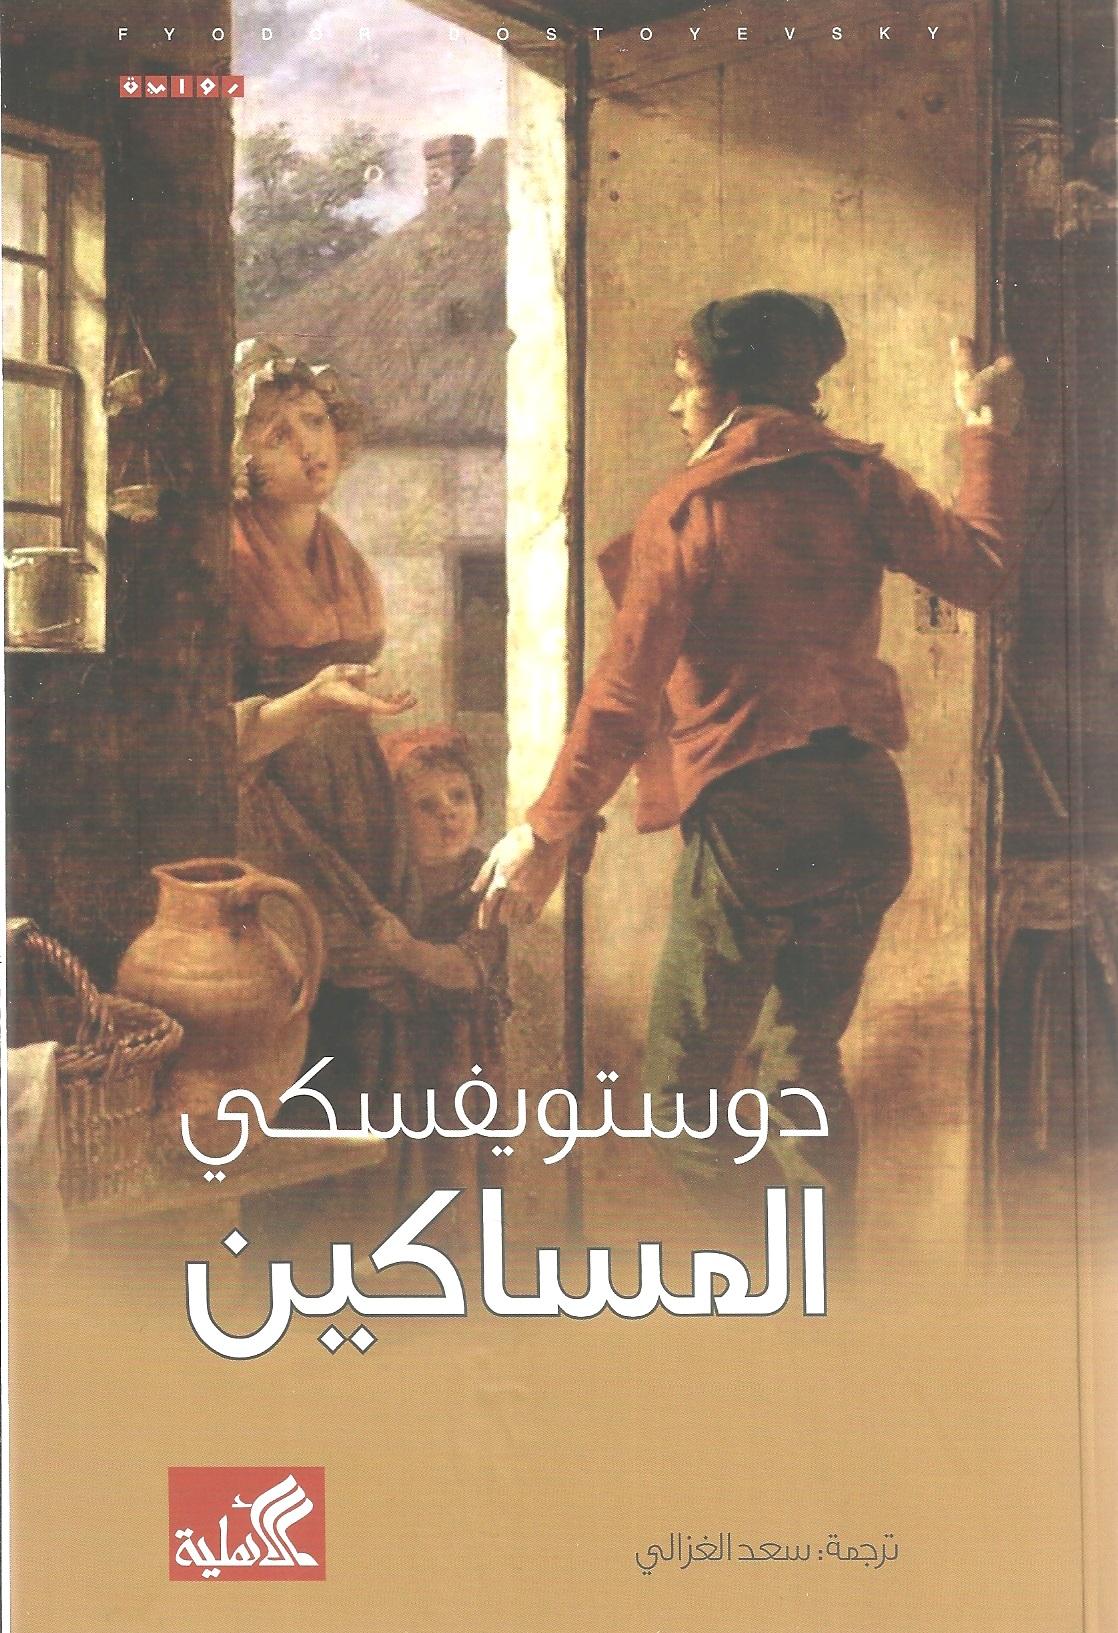 تحميل كتاب المساكين دوستويفسكي PDF 1